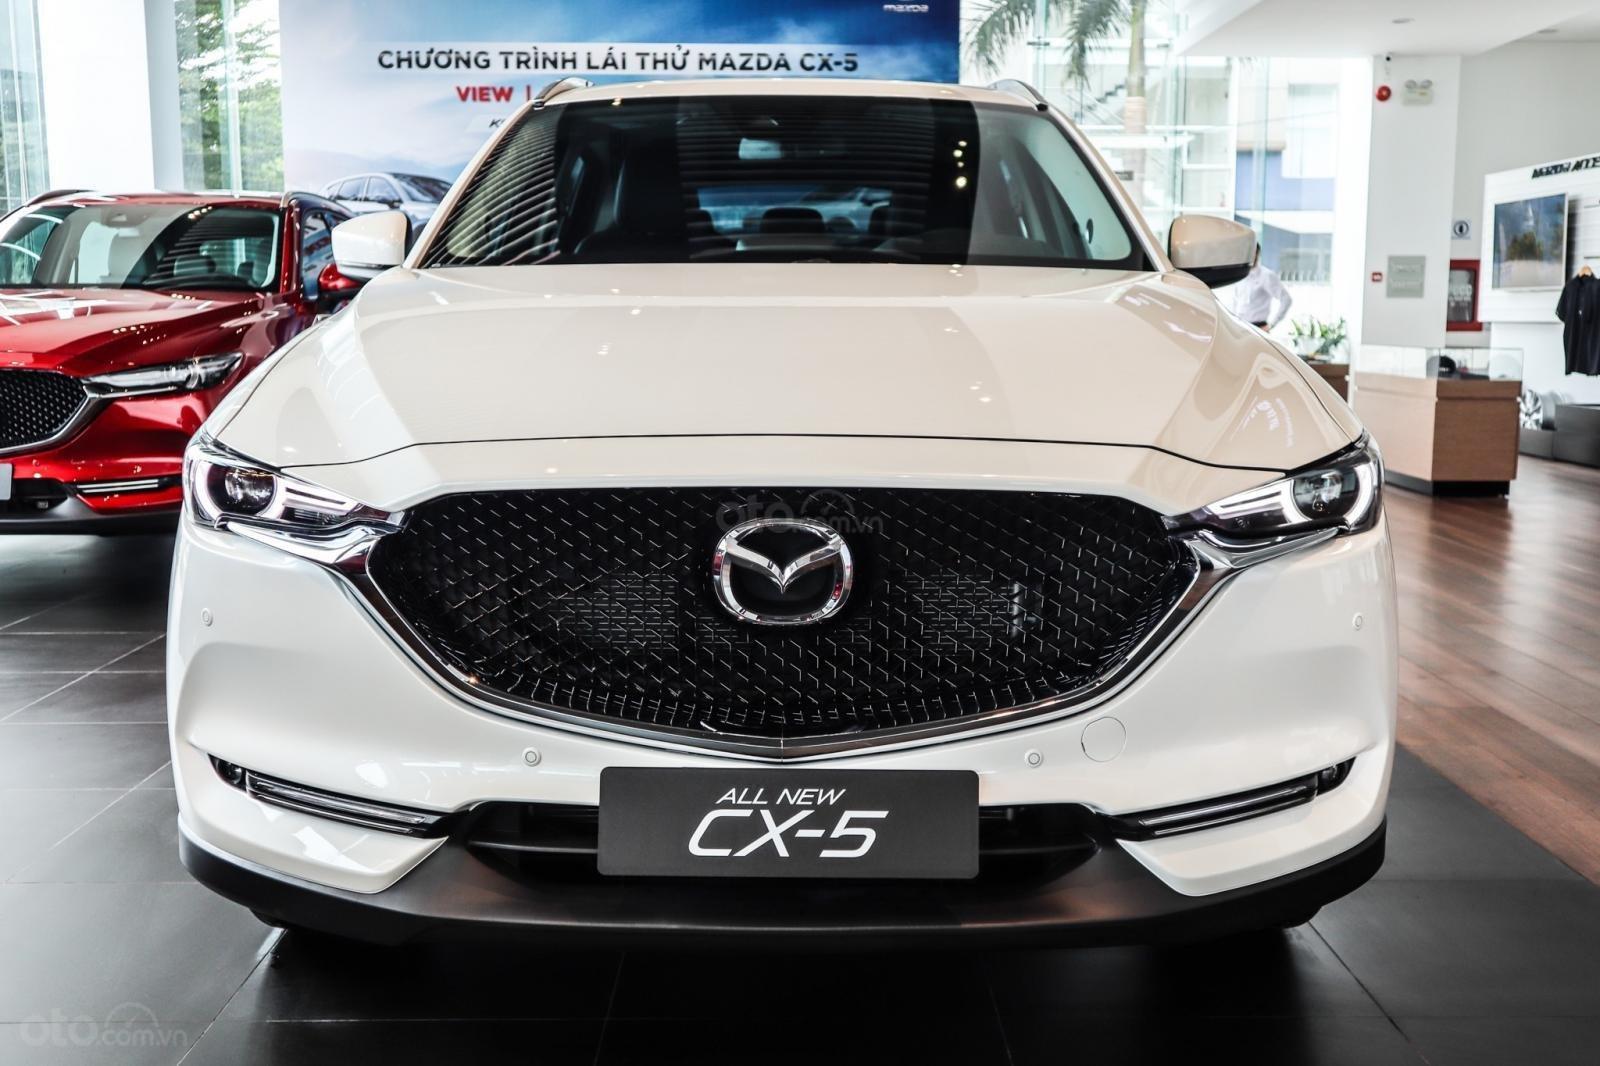 Mazda CX5 giá từ 849 triệu, xe giao ngay, đủ màu, phiên bản, liên hệ ngay với chúng tôi để nhận được ưu đãi tốt nhất (1)